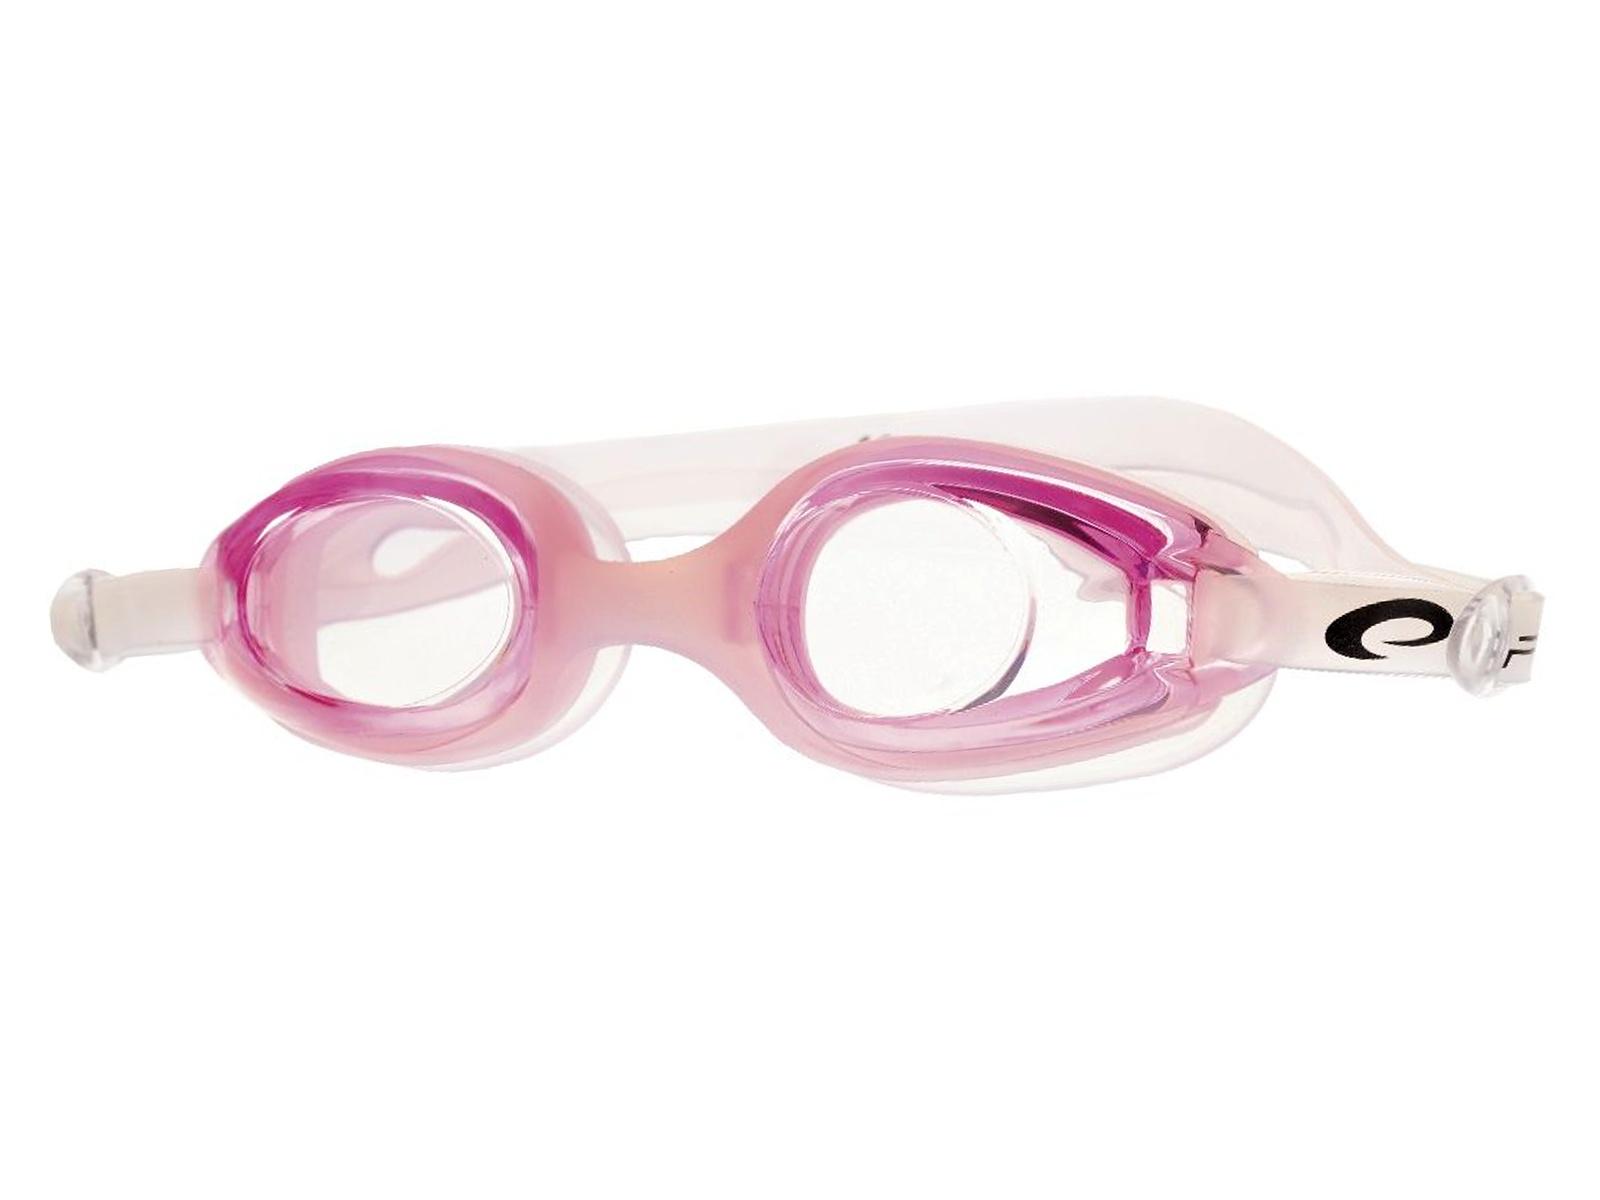 Plavecké brýle SPOKEY Seal - růžové